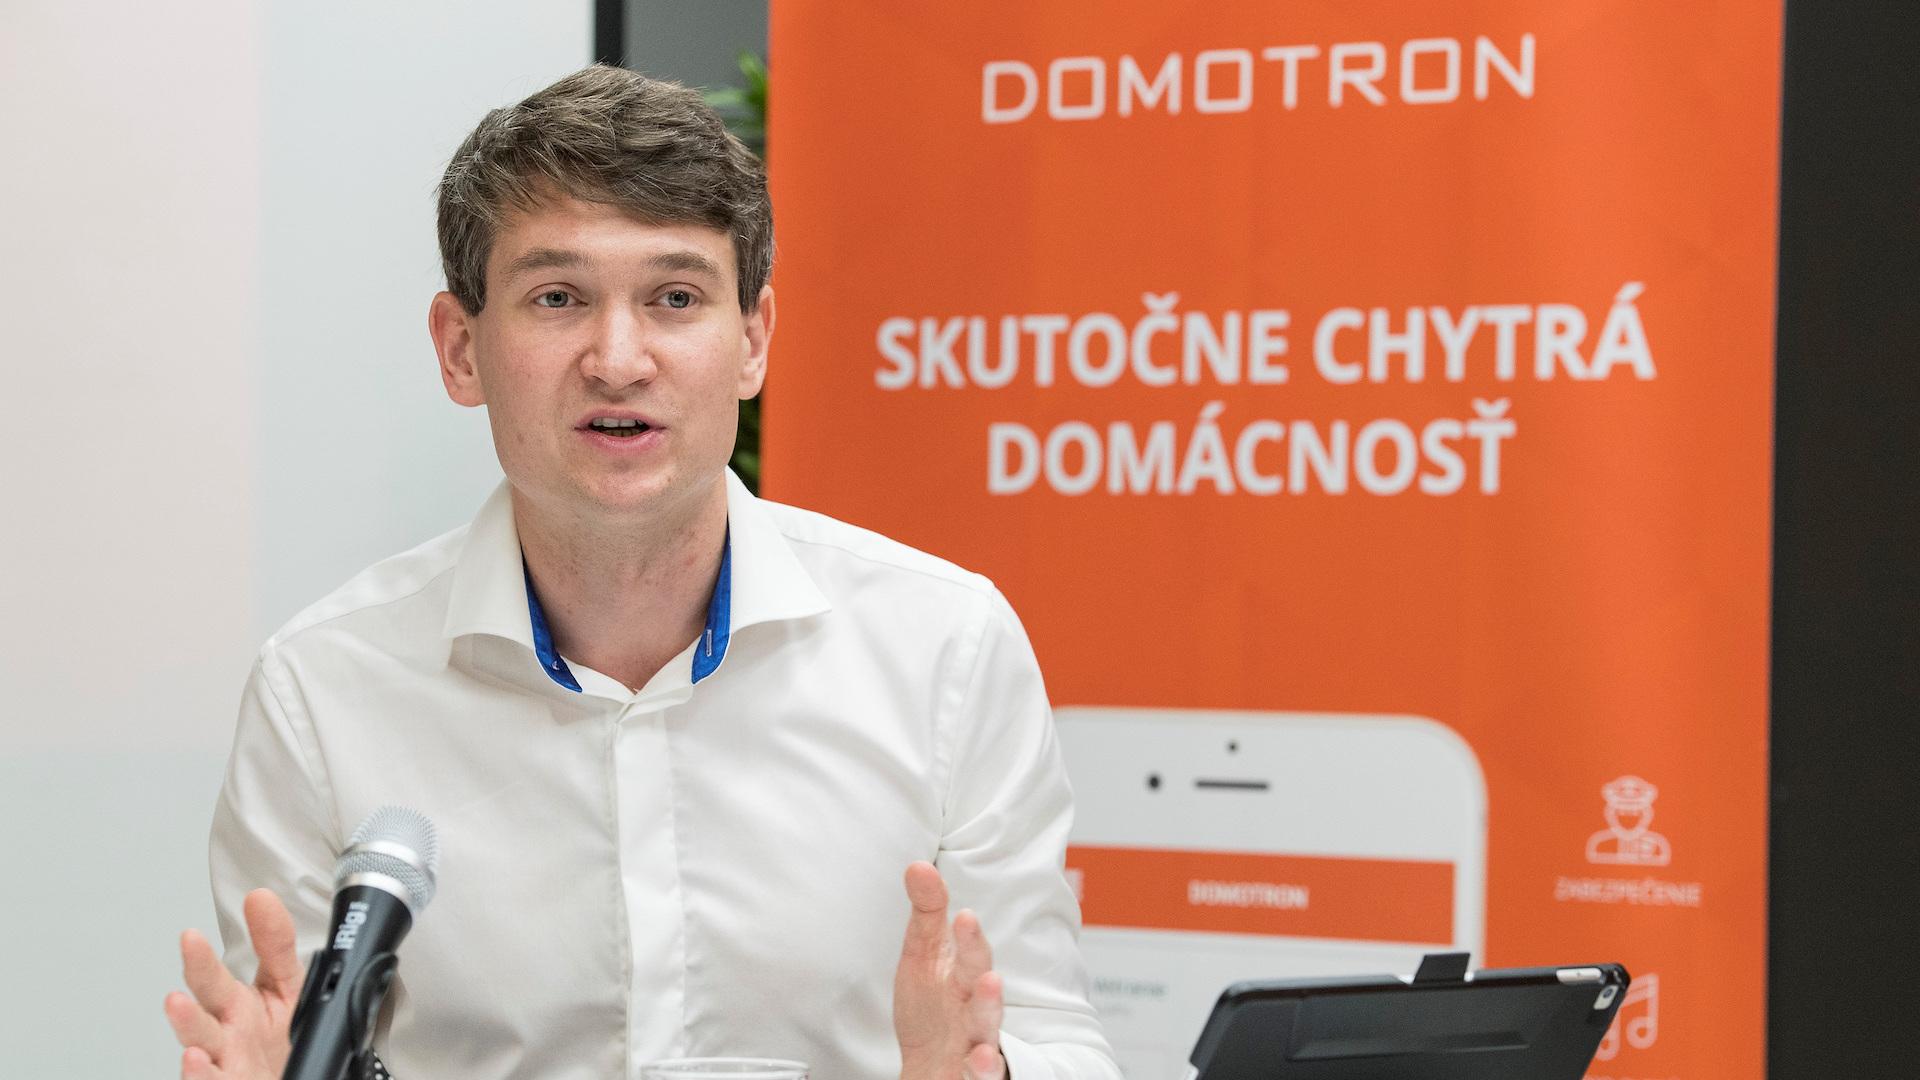 Ukrajina - co si koupit? - Poradna - sacicrm.info